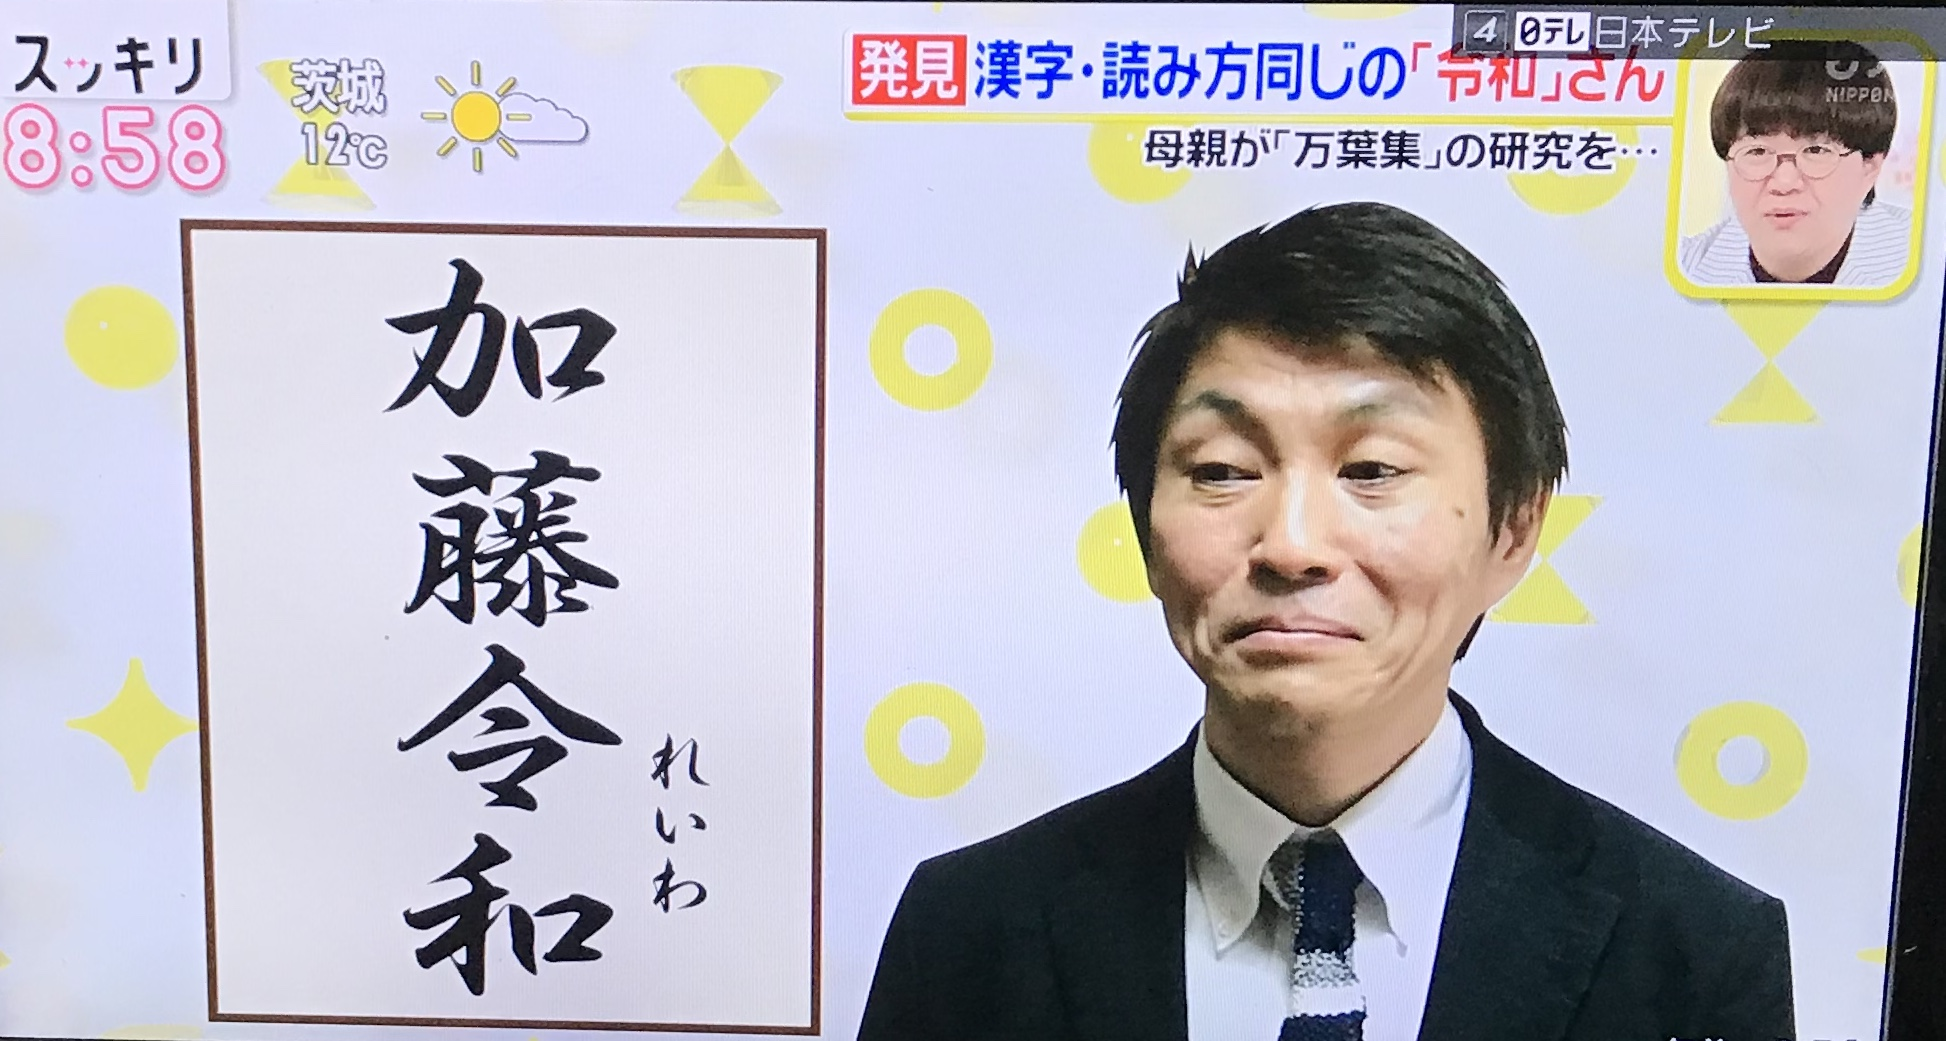 ついに発見】新元号/令和と同じ名前「加藤令和(れいわ)」さん